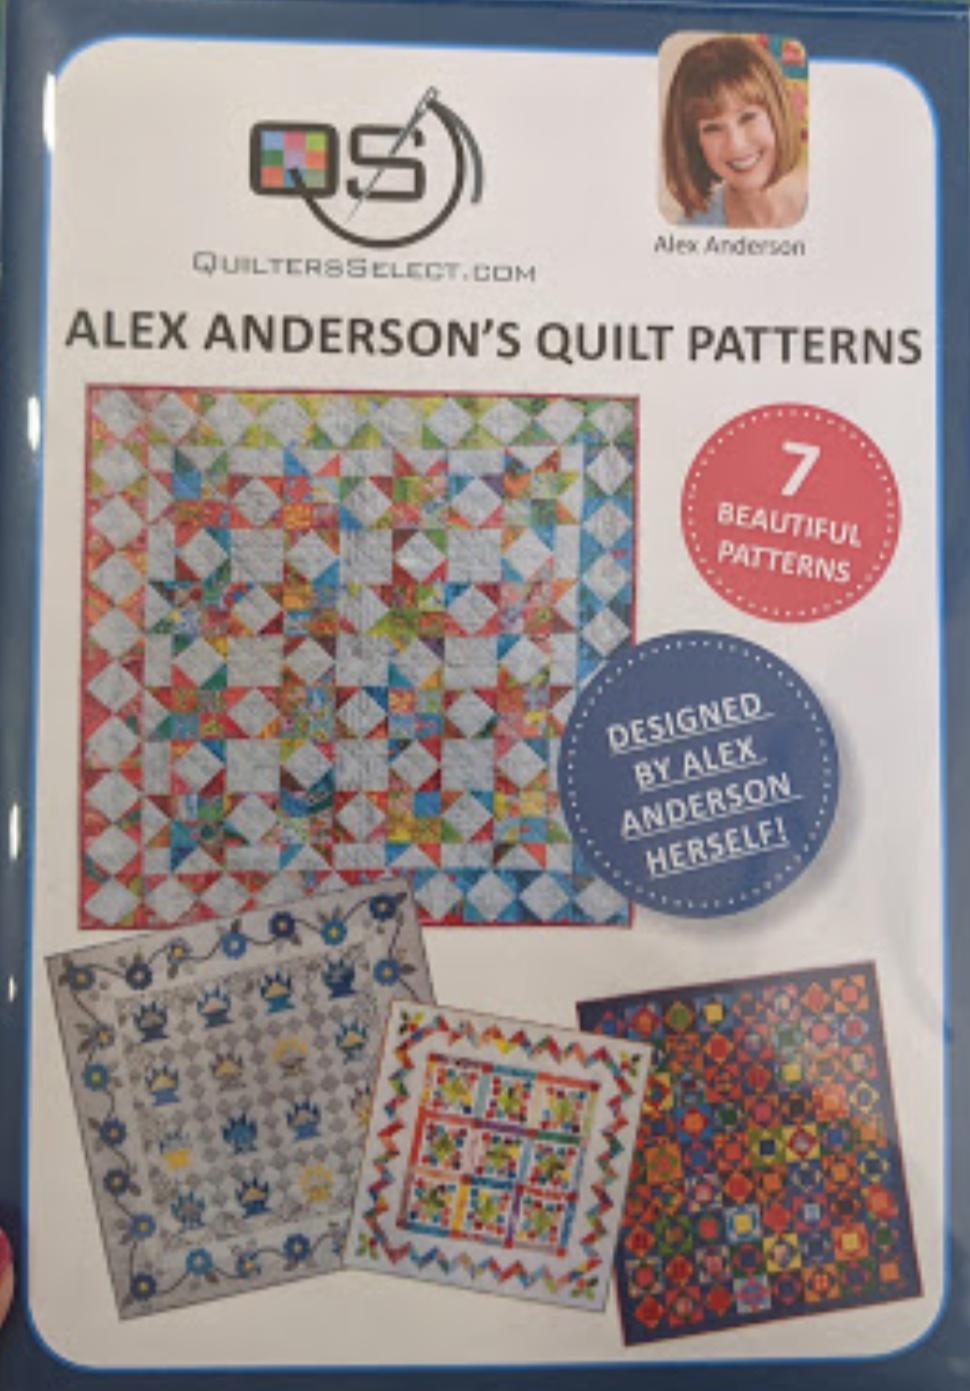 Alex Anderson's Quilt Patterns Dvd